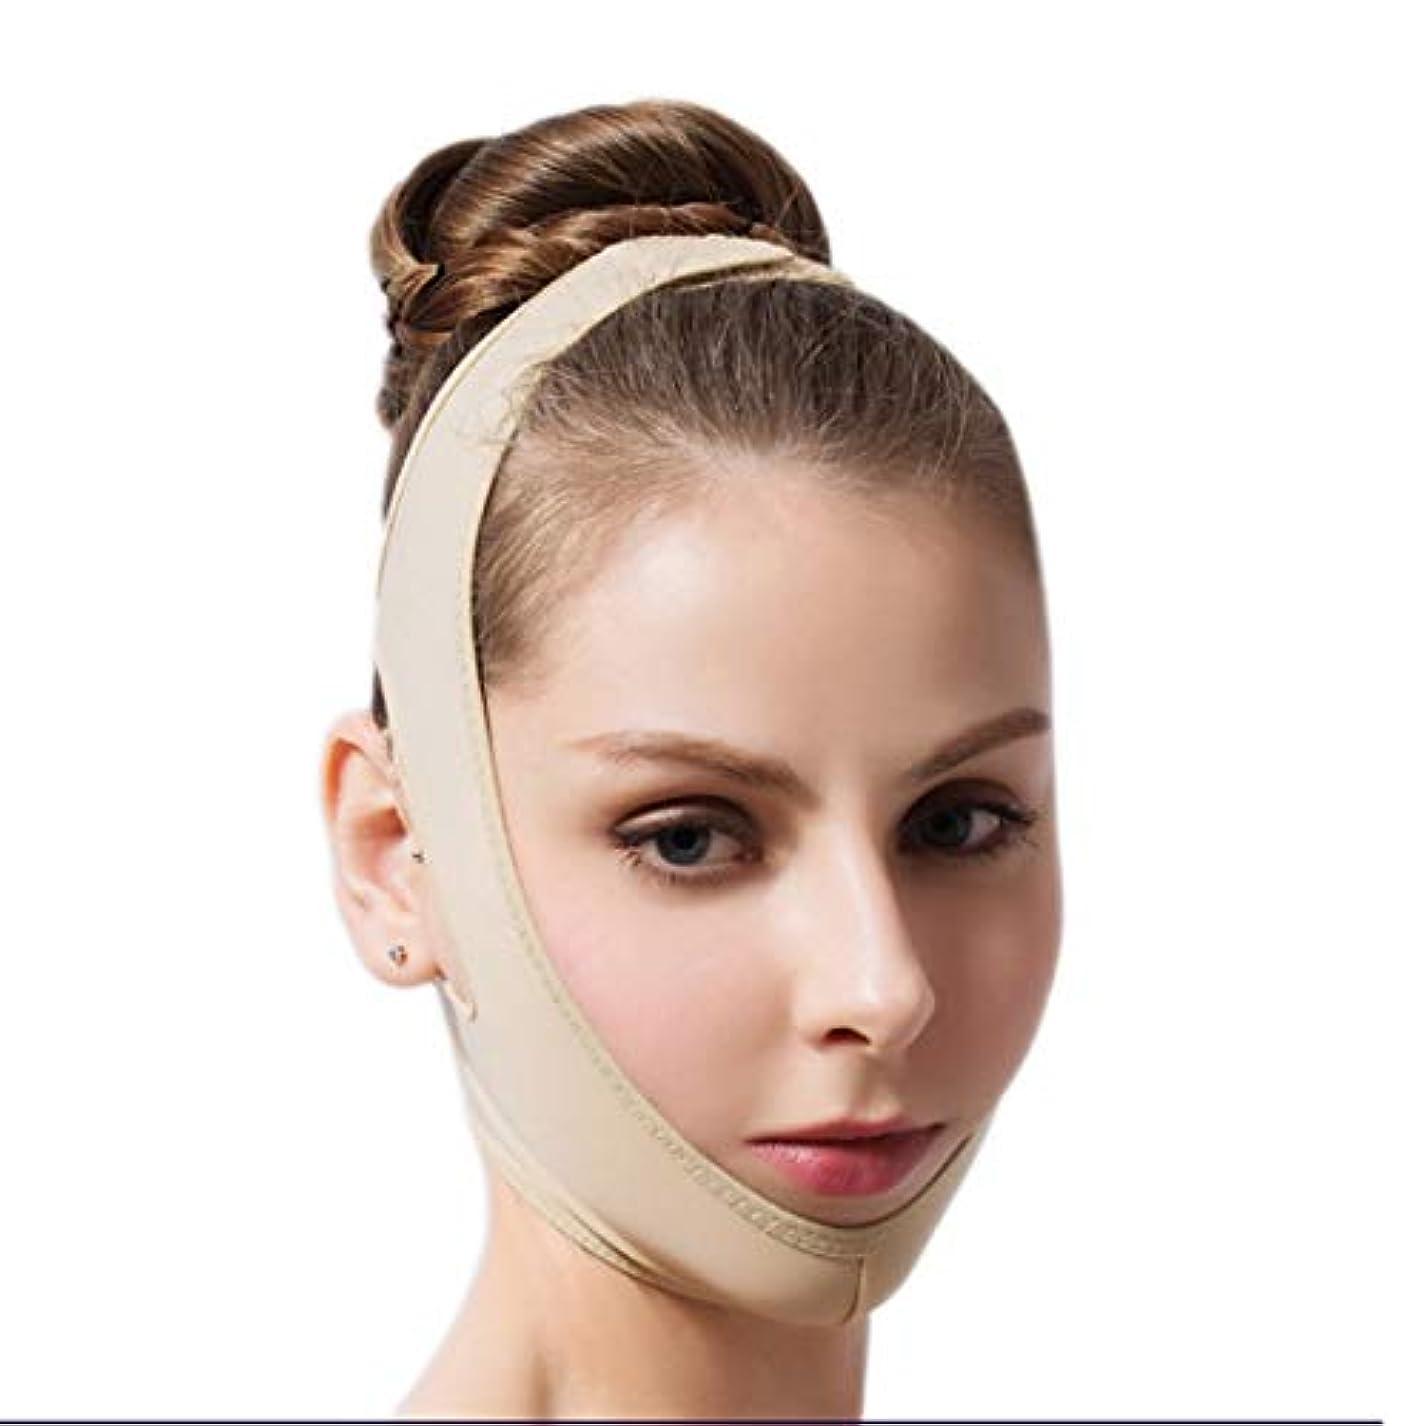 幼児関係する悪夢ZWBD フェイスマスク, フェイスリフト包帯V整形術後回復包帯医療グレードマスクバンドルジョー二重あご (Size : L)